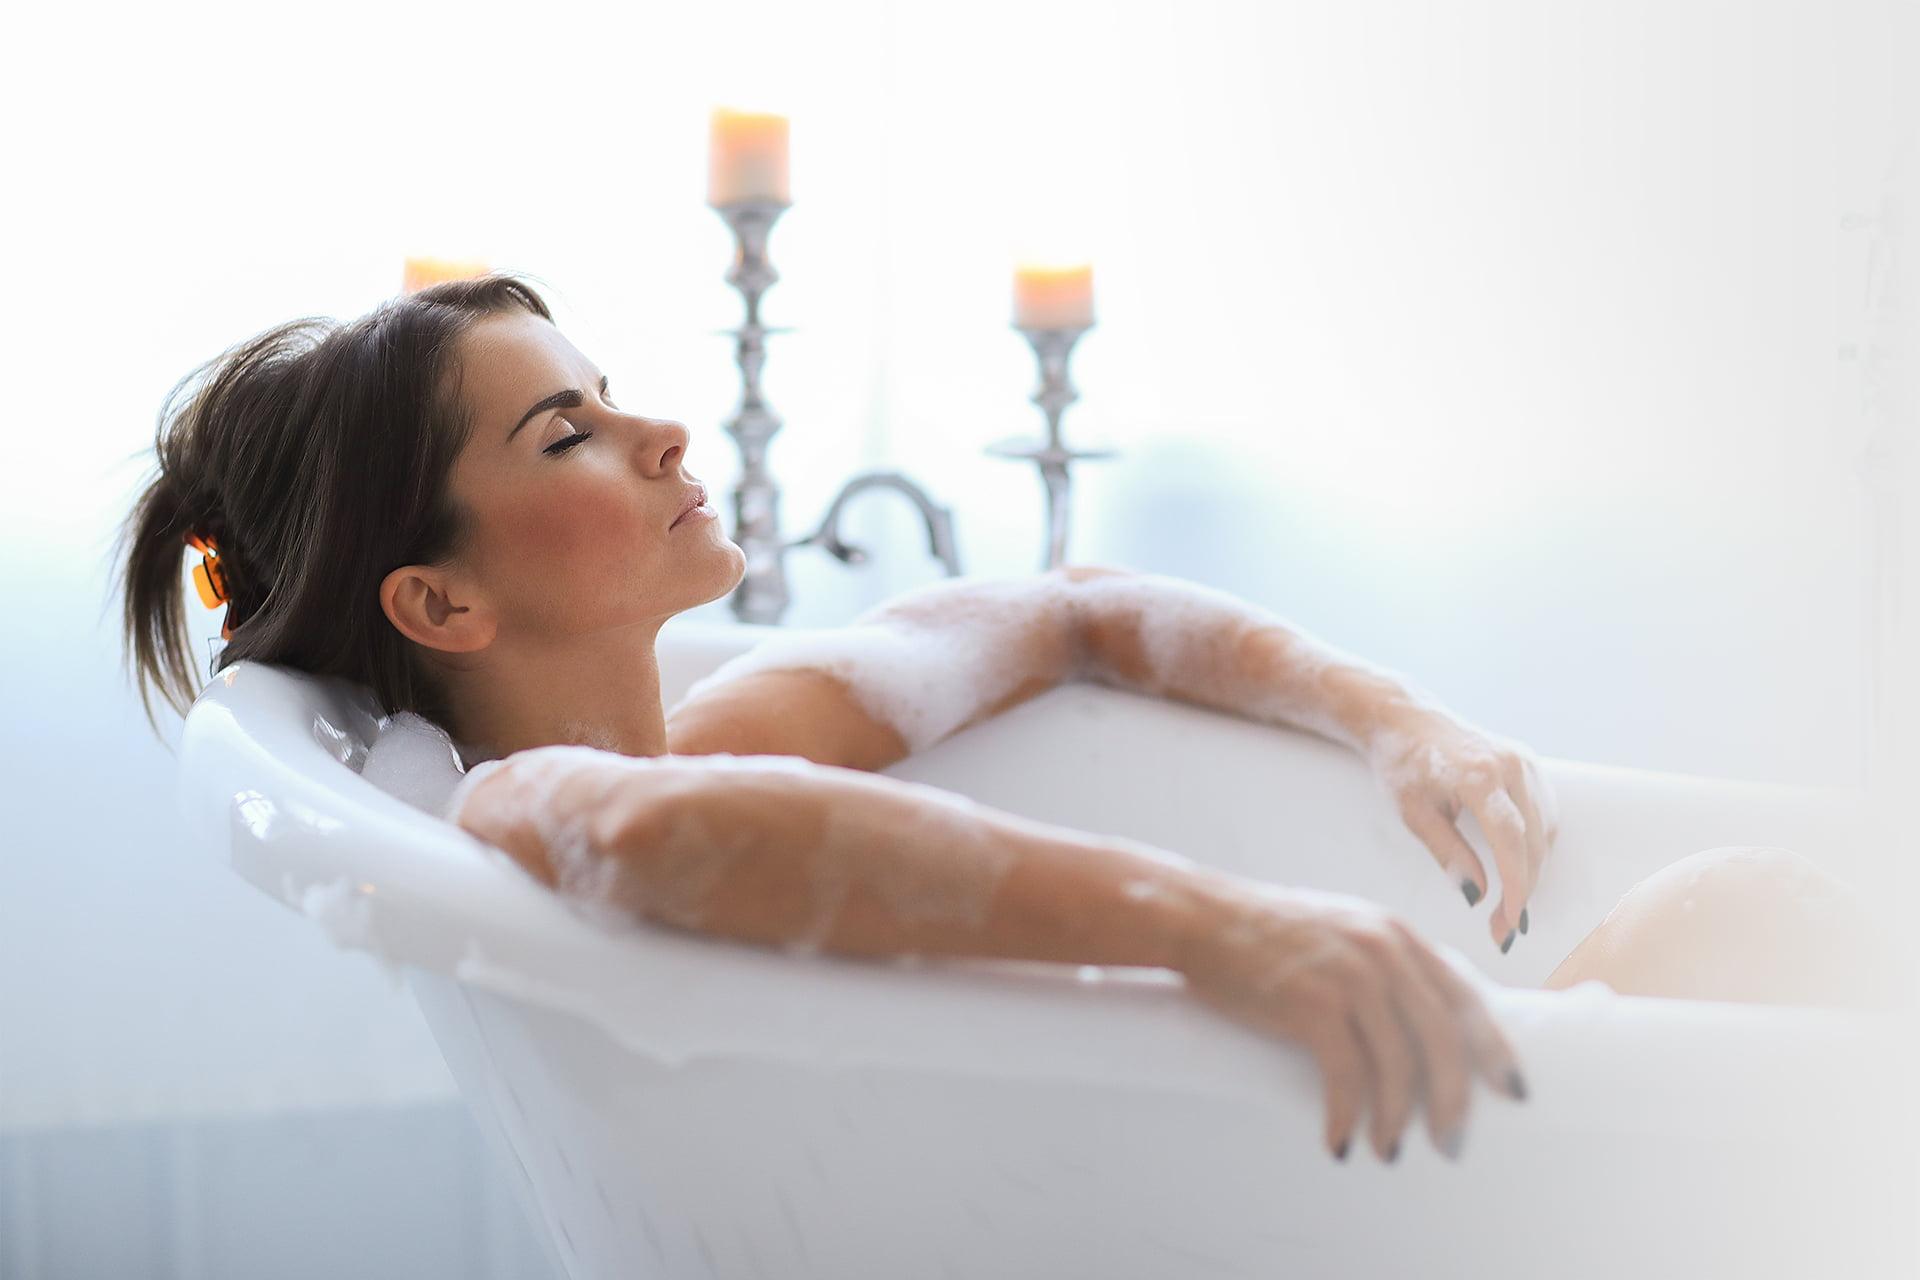 Prisma Shower Duschen Neu erleben 5 - PRISMA Premium Duschkopf für ein einzigartiges Duscherlebnis